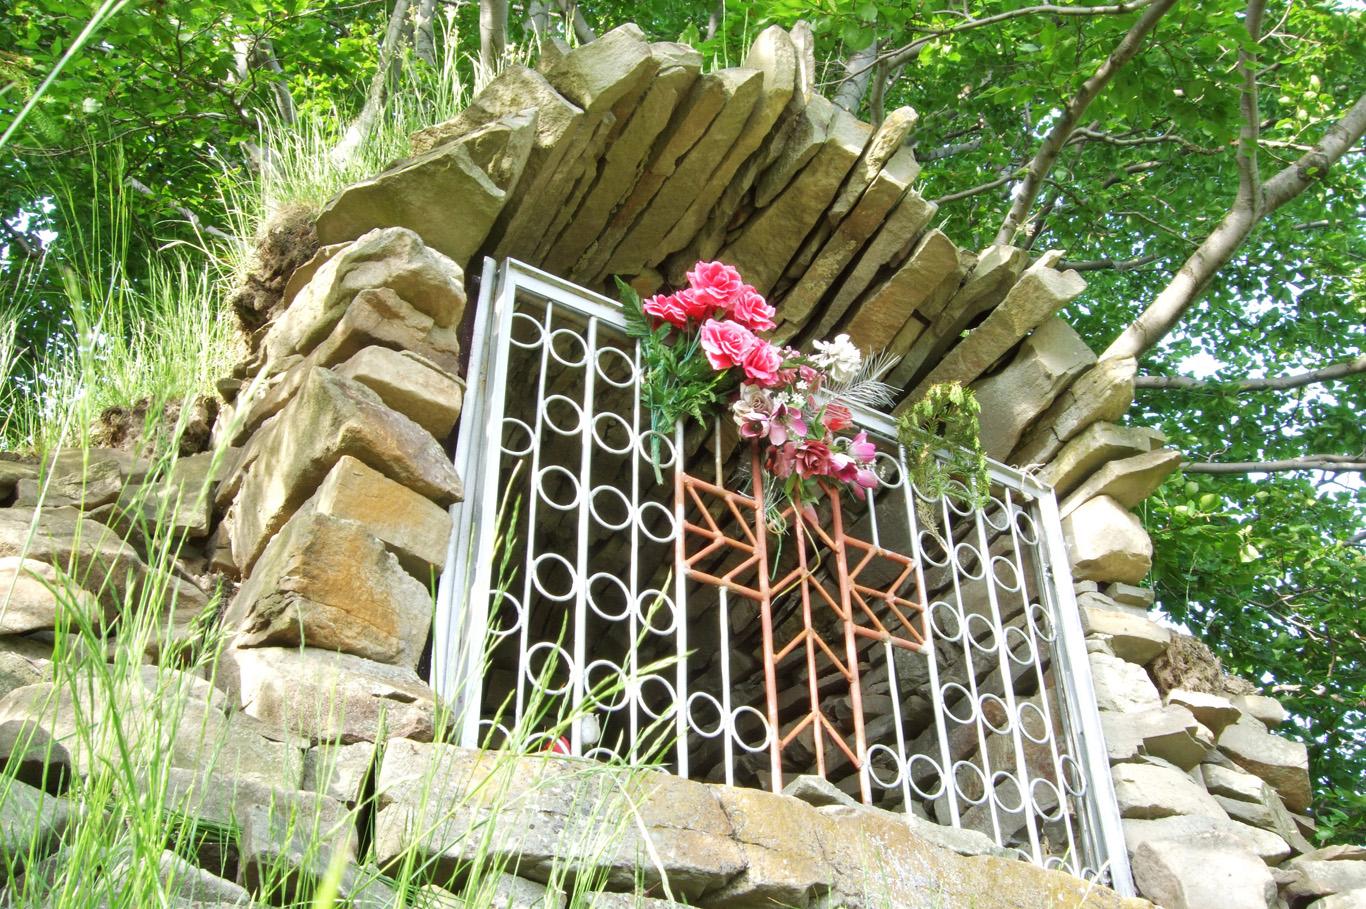 Shrine made of stones